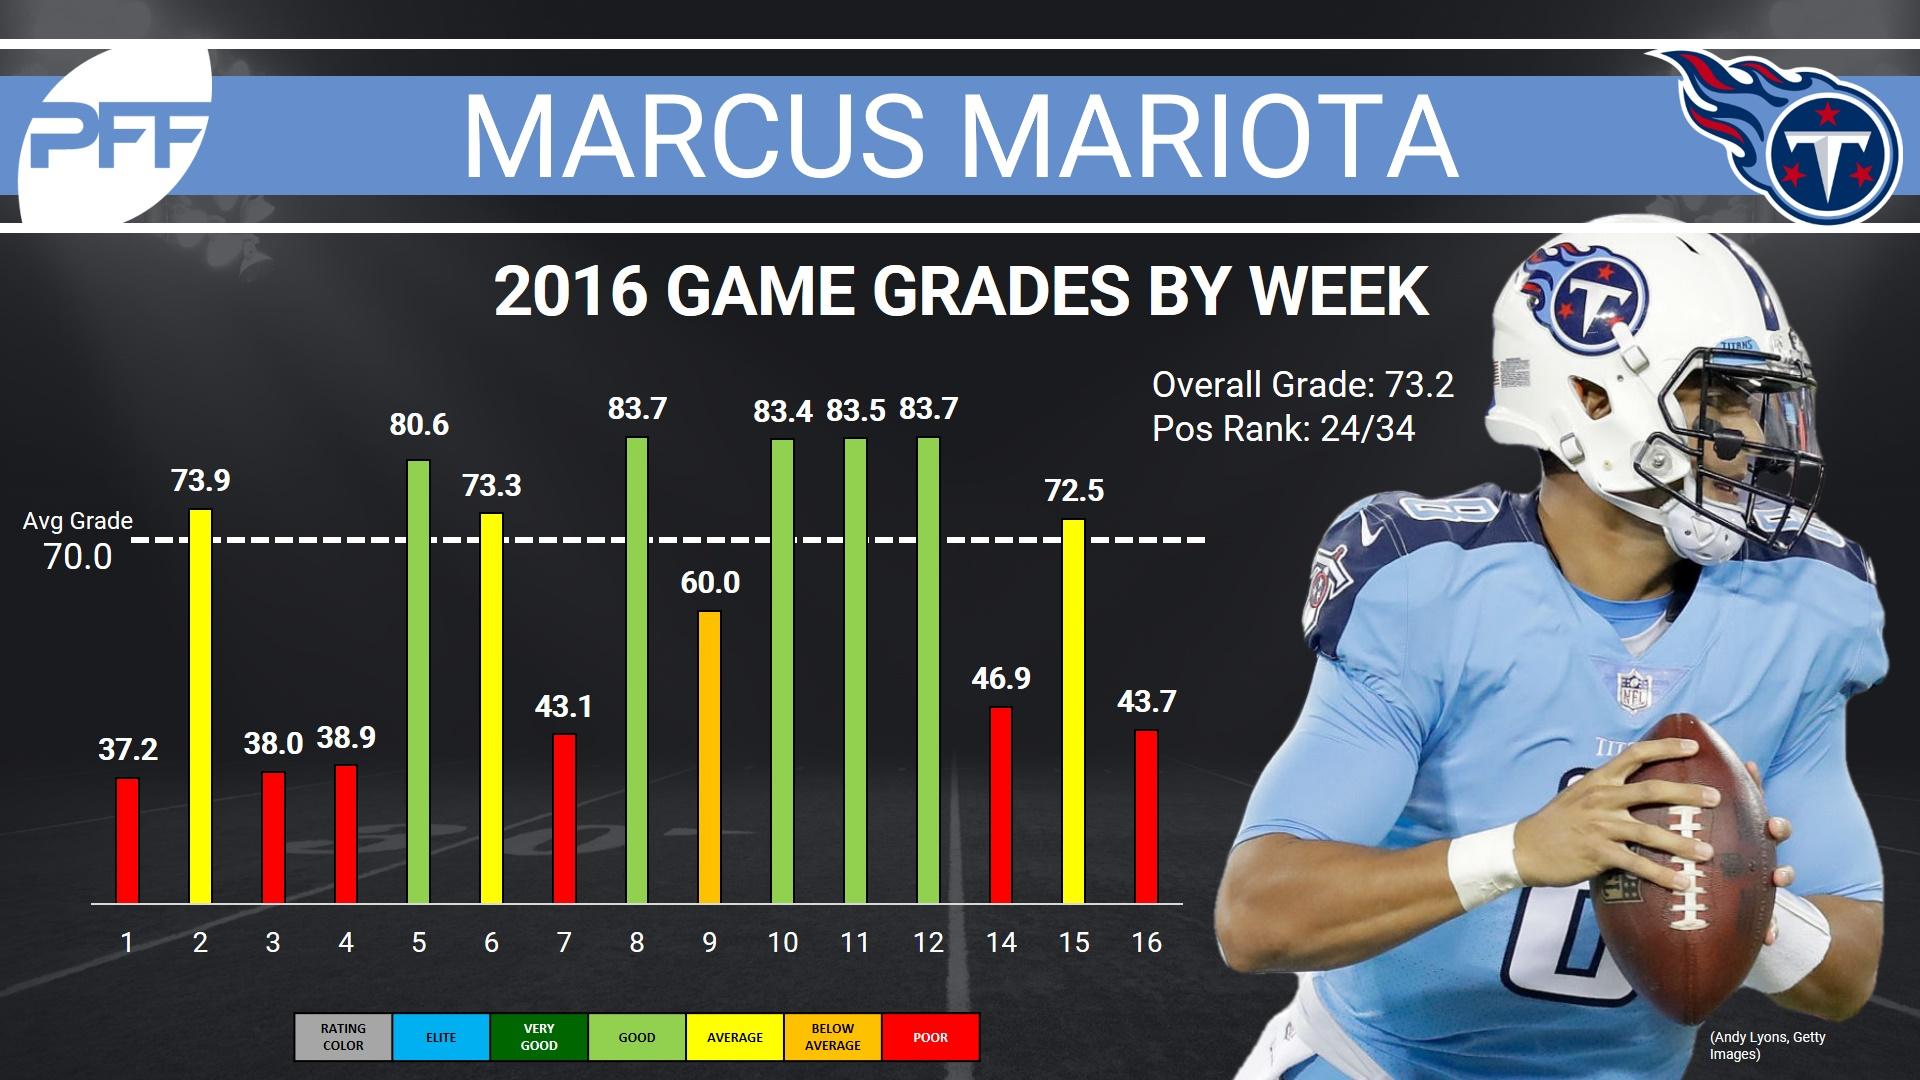 Marcus Mariota